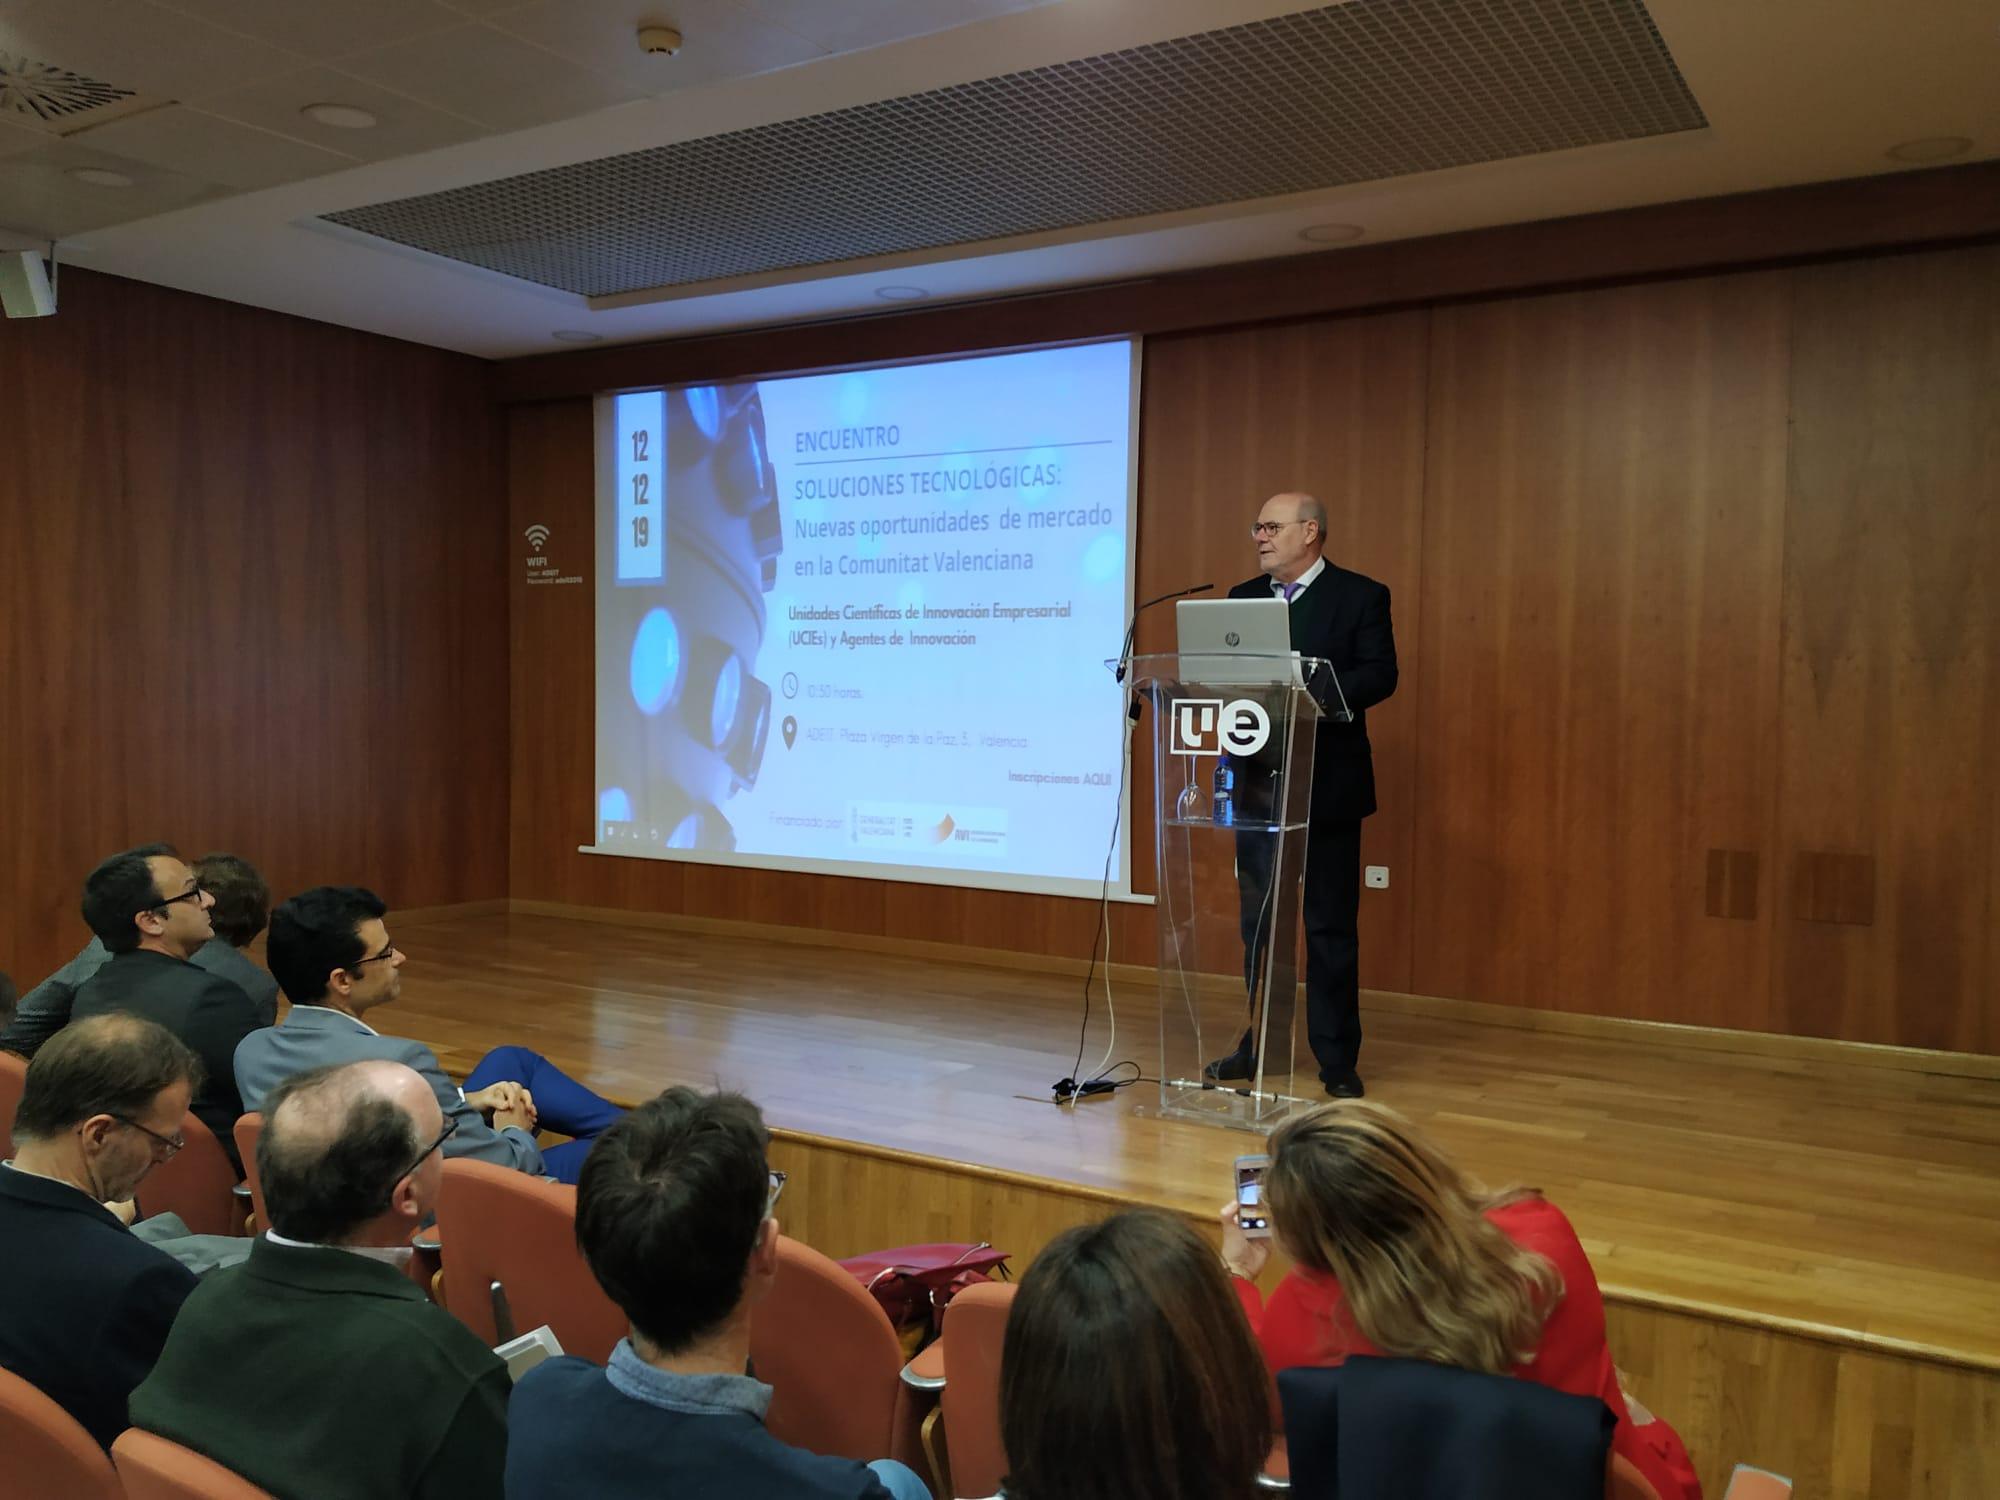 La AVI presenta 40 soluciones tecnológicas desarrolladas por centros de investigación